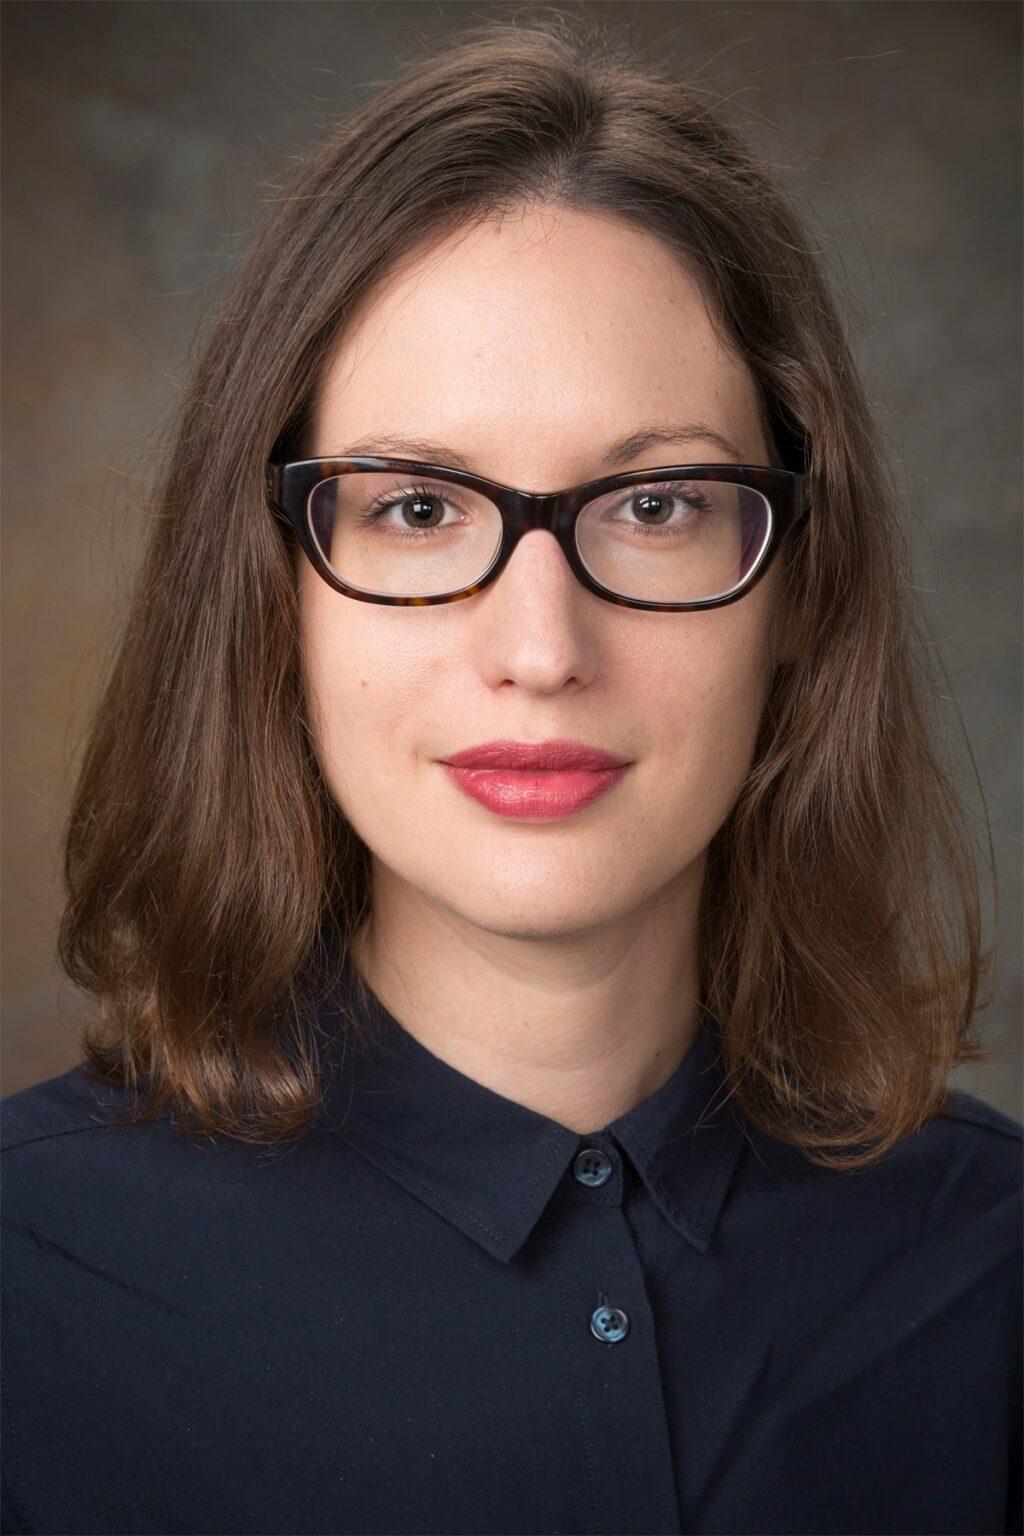 Sarah A. Slavoff PhD